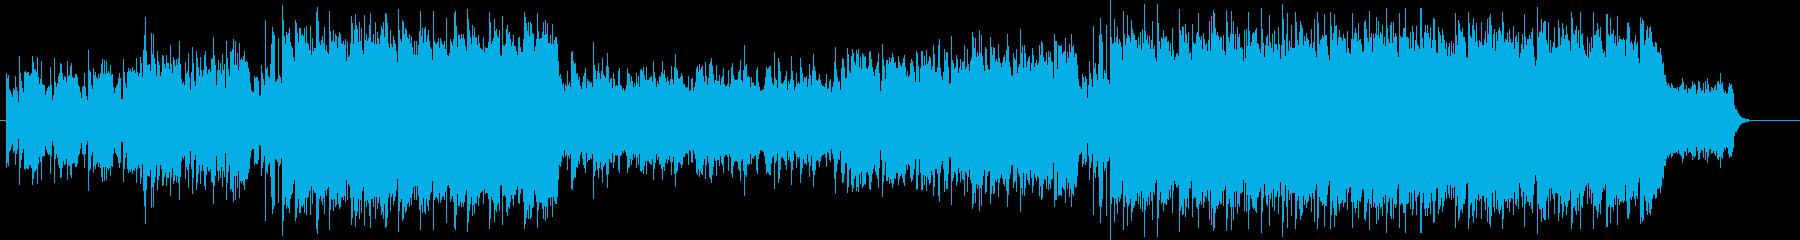 洋楽 Future Pop お洒落 CMの再生済みの波形